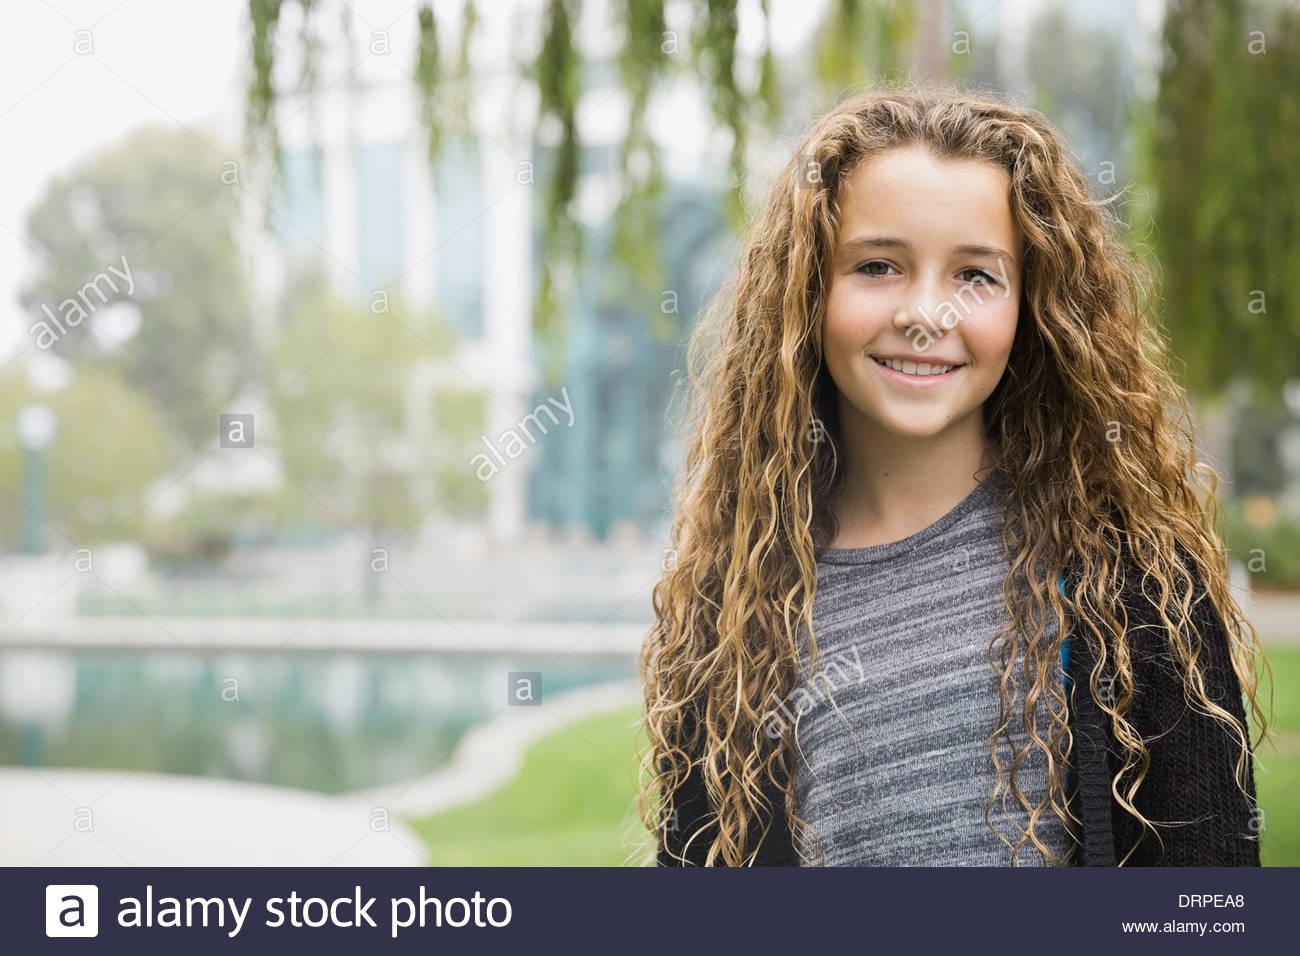 Porträt von lächelndes Mädchen im park Stockbild